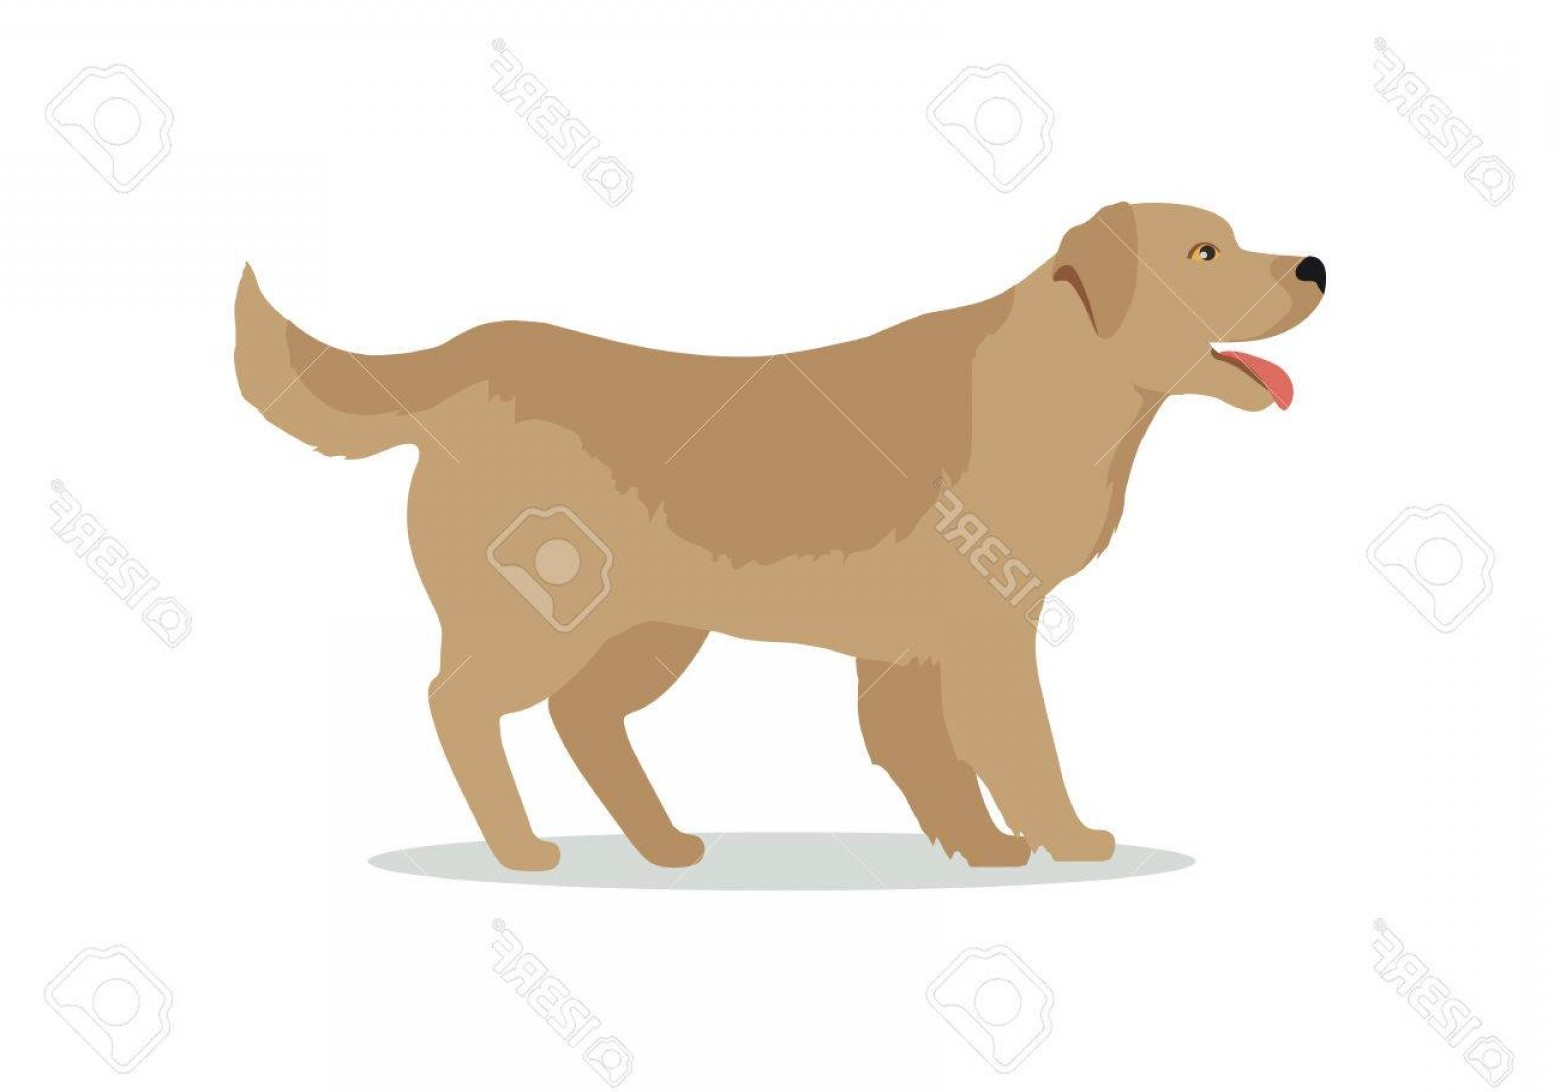 1560x1092 Photostock Vector Golden Retriever Dog Isolated On White Labrador